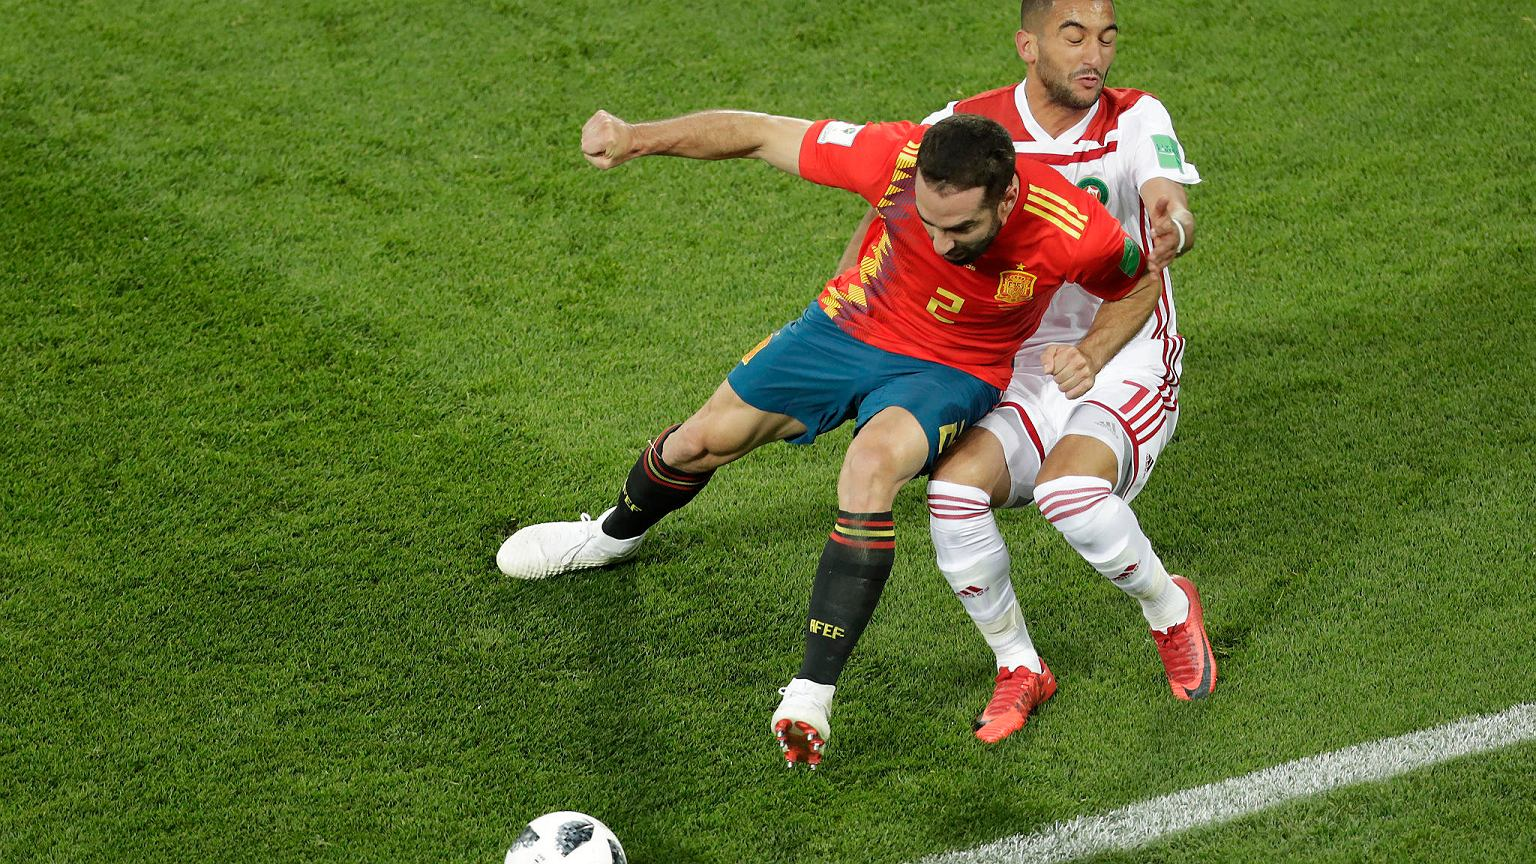 ed821ea4b Mistrzostwa świata w piłce nożnej. Hiszpania - Maroko. Sensacja na  zakończenie rywalizacji w grupie B - zdjęcie nr 2 MŚ - Mundial